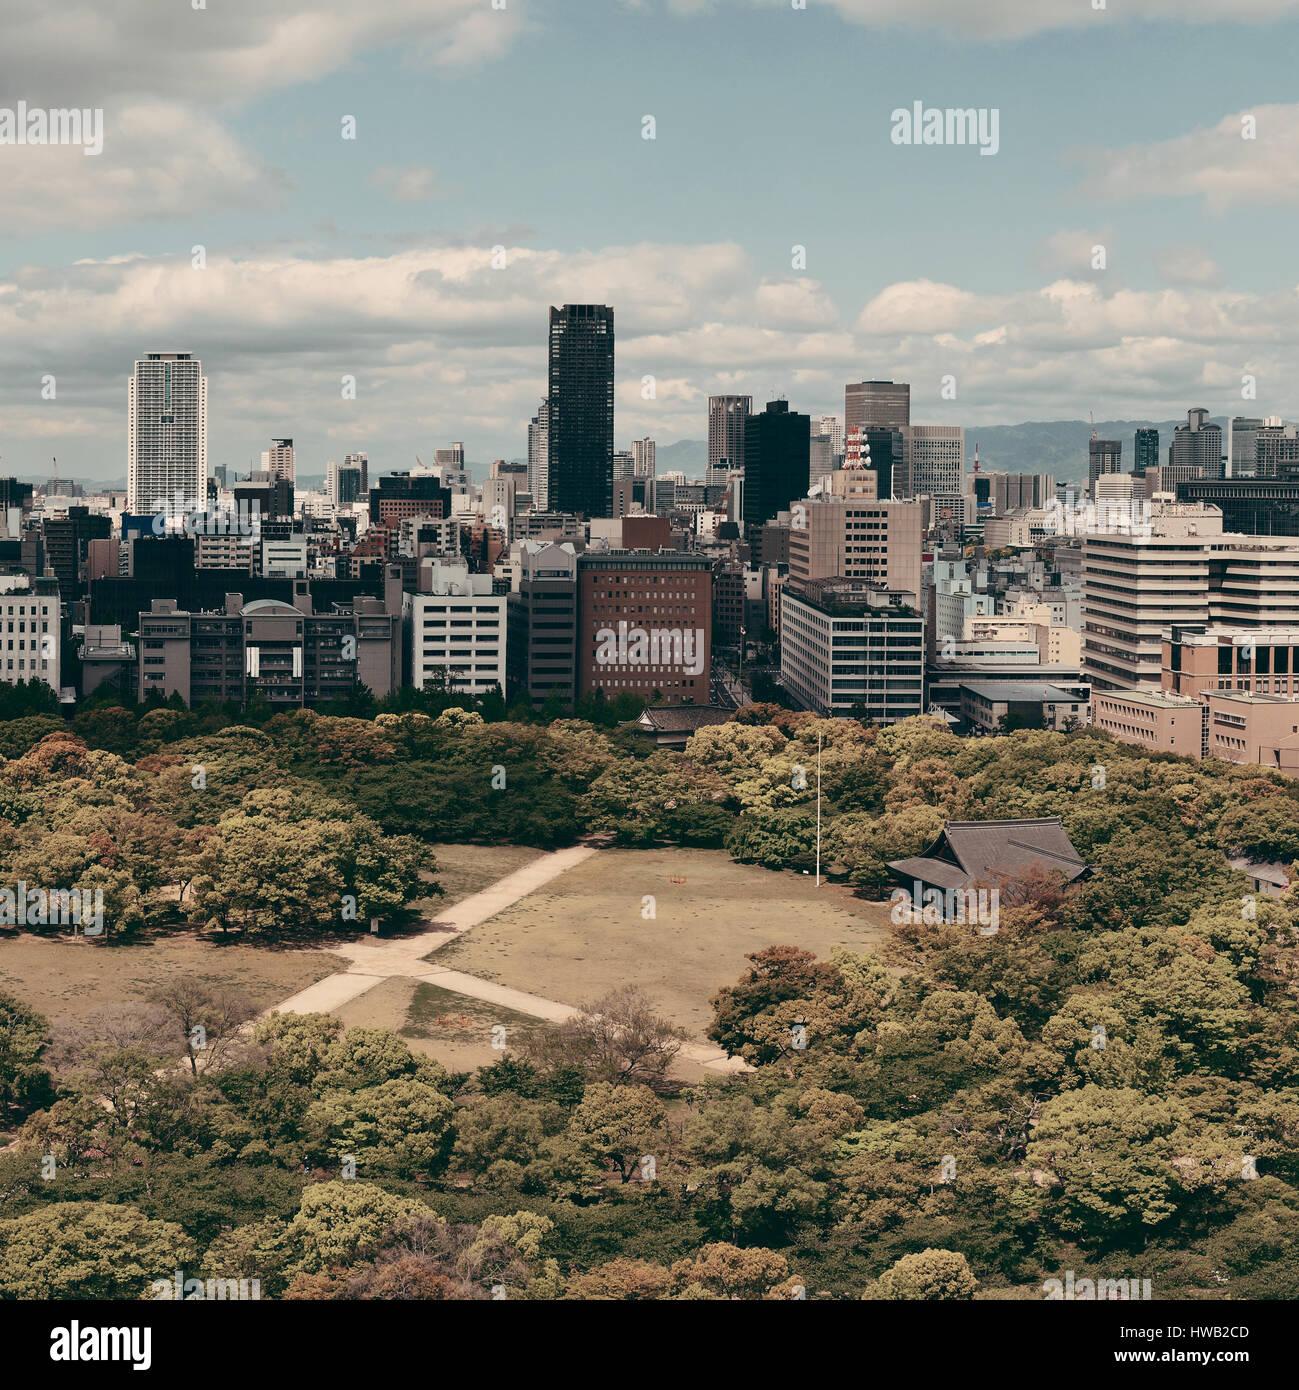 Osaka città urbana parco vista sul tetto. Il Giappone. Immagini Stock